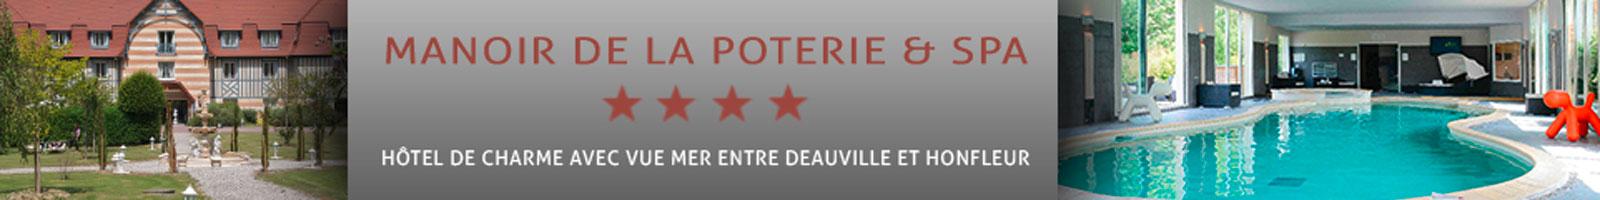 Manoir de la Poterie & Spa les Thermes